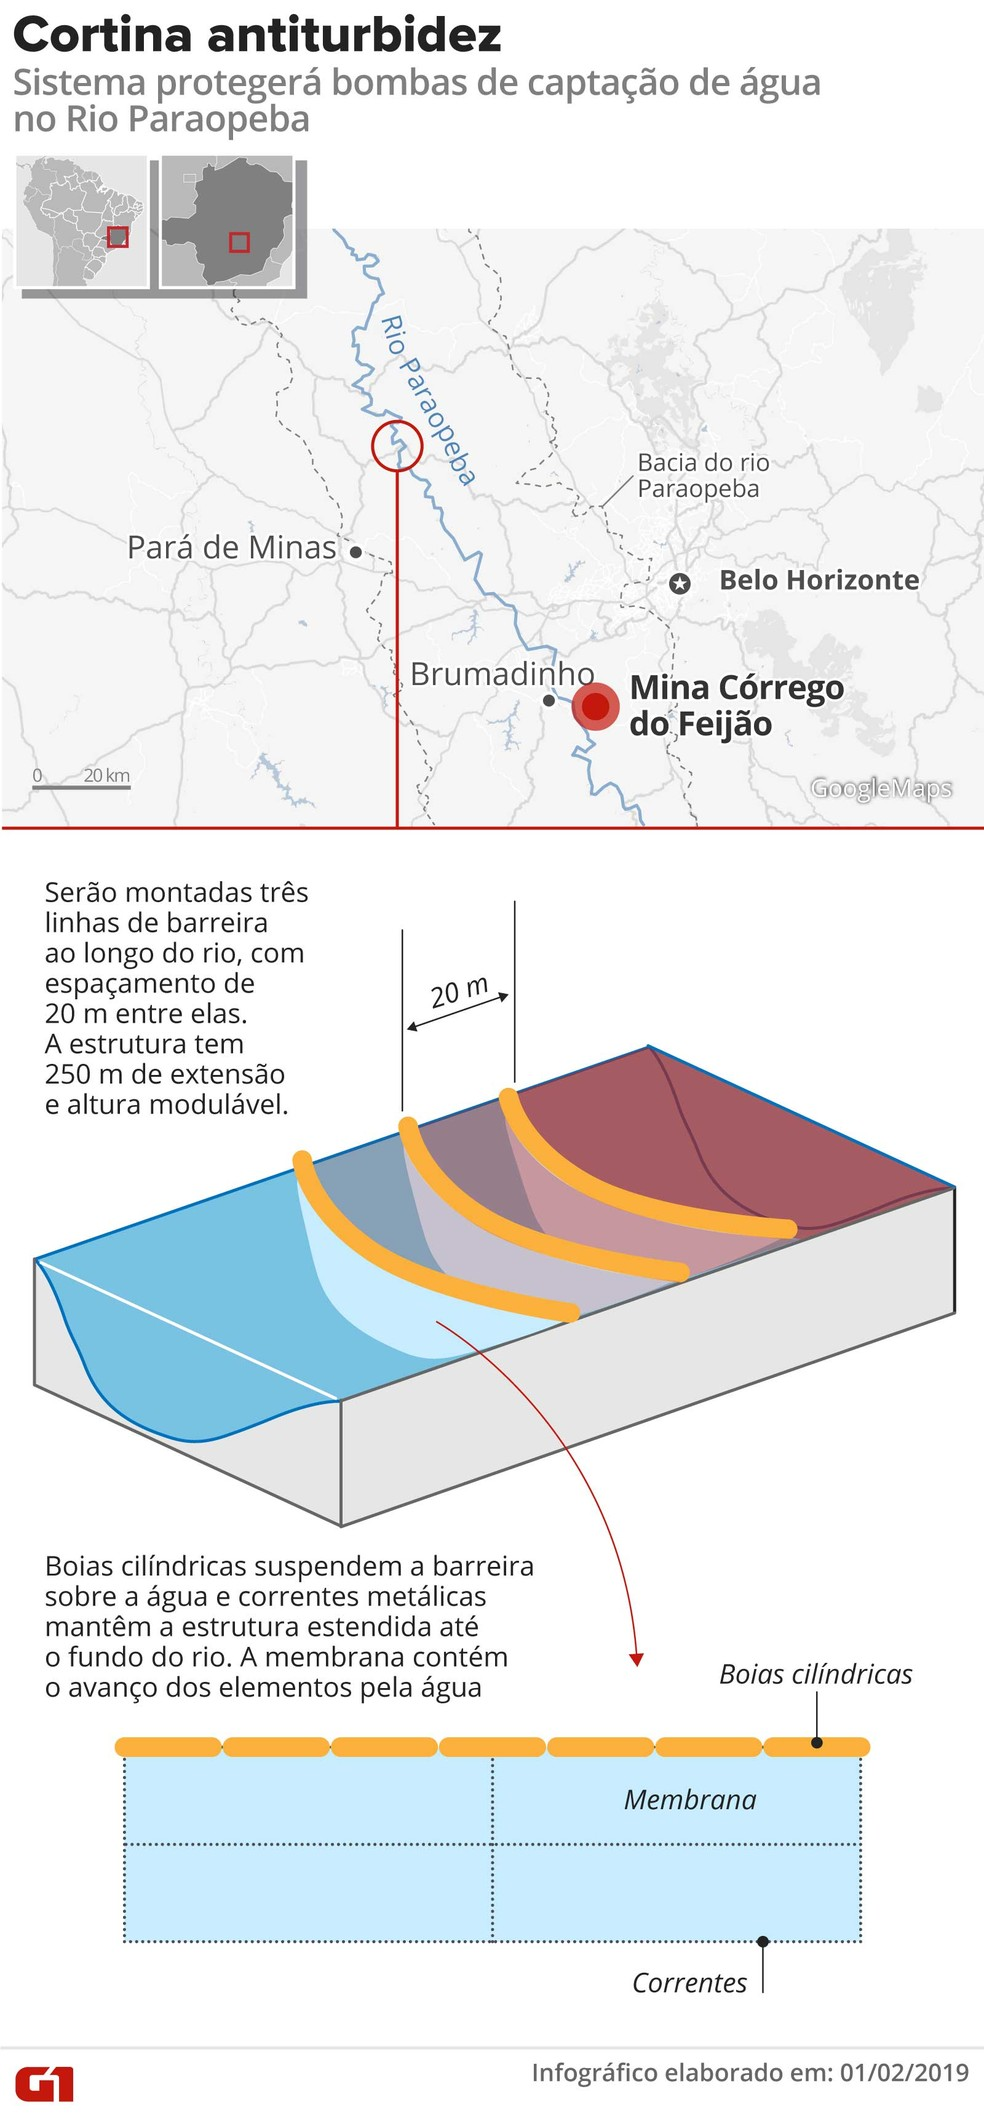 Arte mostra como funciona a cortina antiturbidez, sistema que protegerá bombas de captação de água no Rio Paraopeba — Foto: Alexandre Mauro/Arte G1